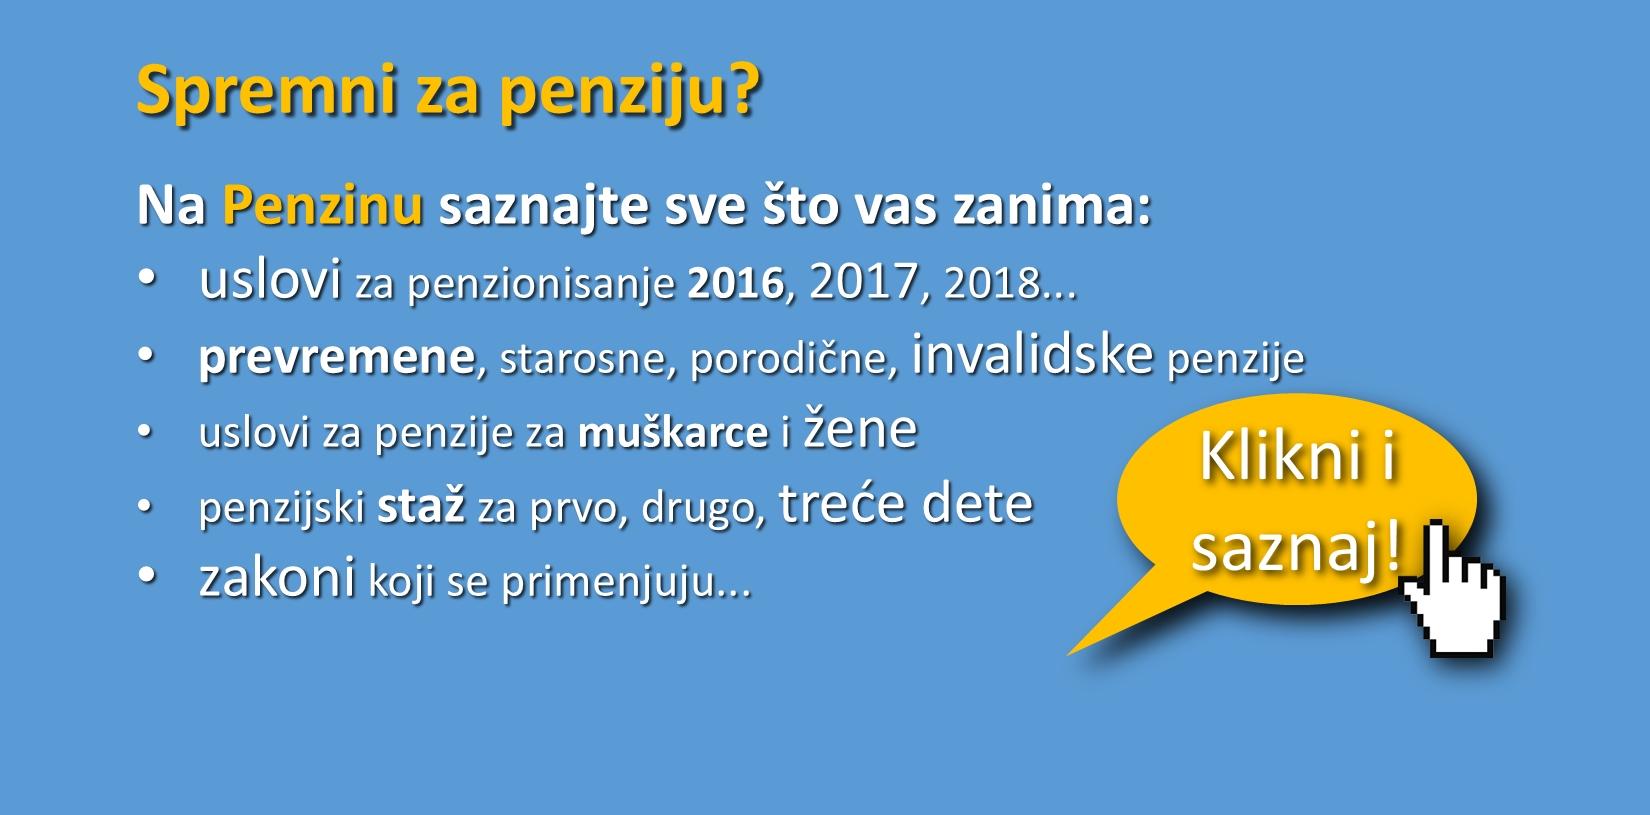 uslovi-za-penzionisanje-srbija-penzin-penzija-radni-staz